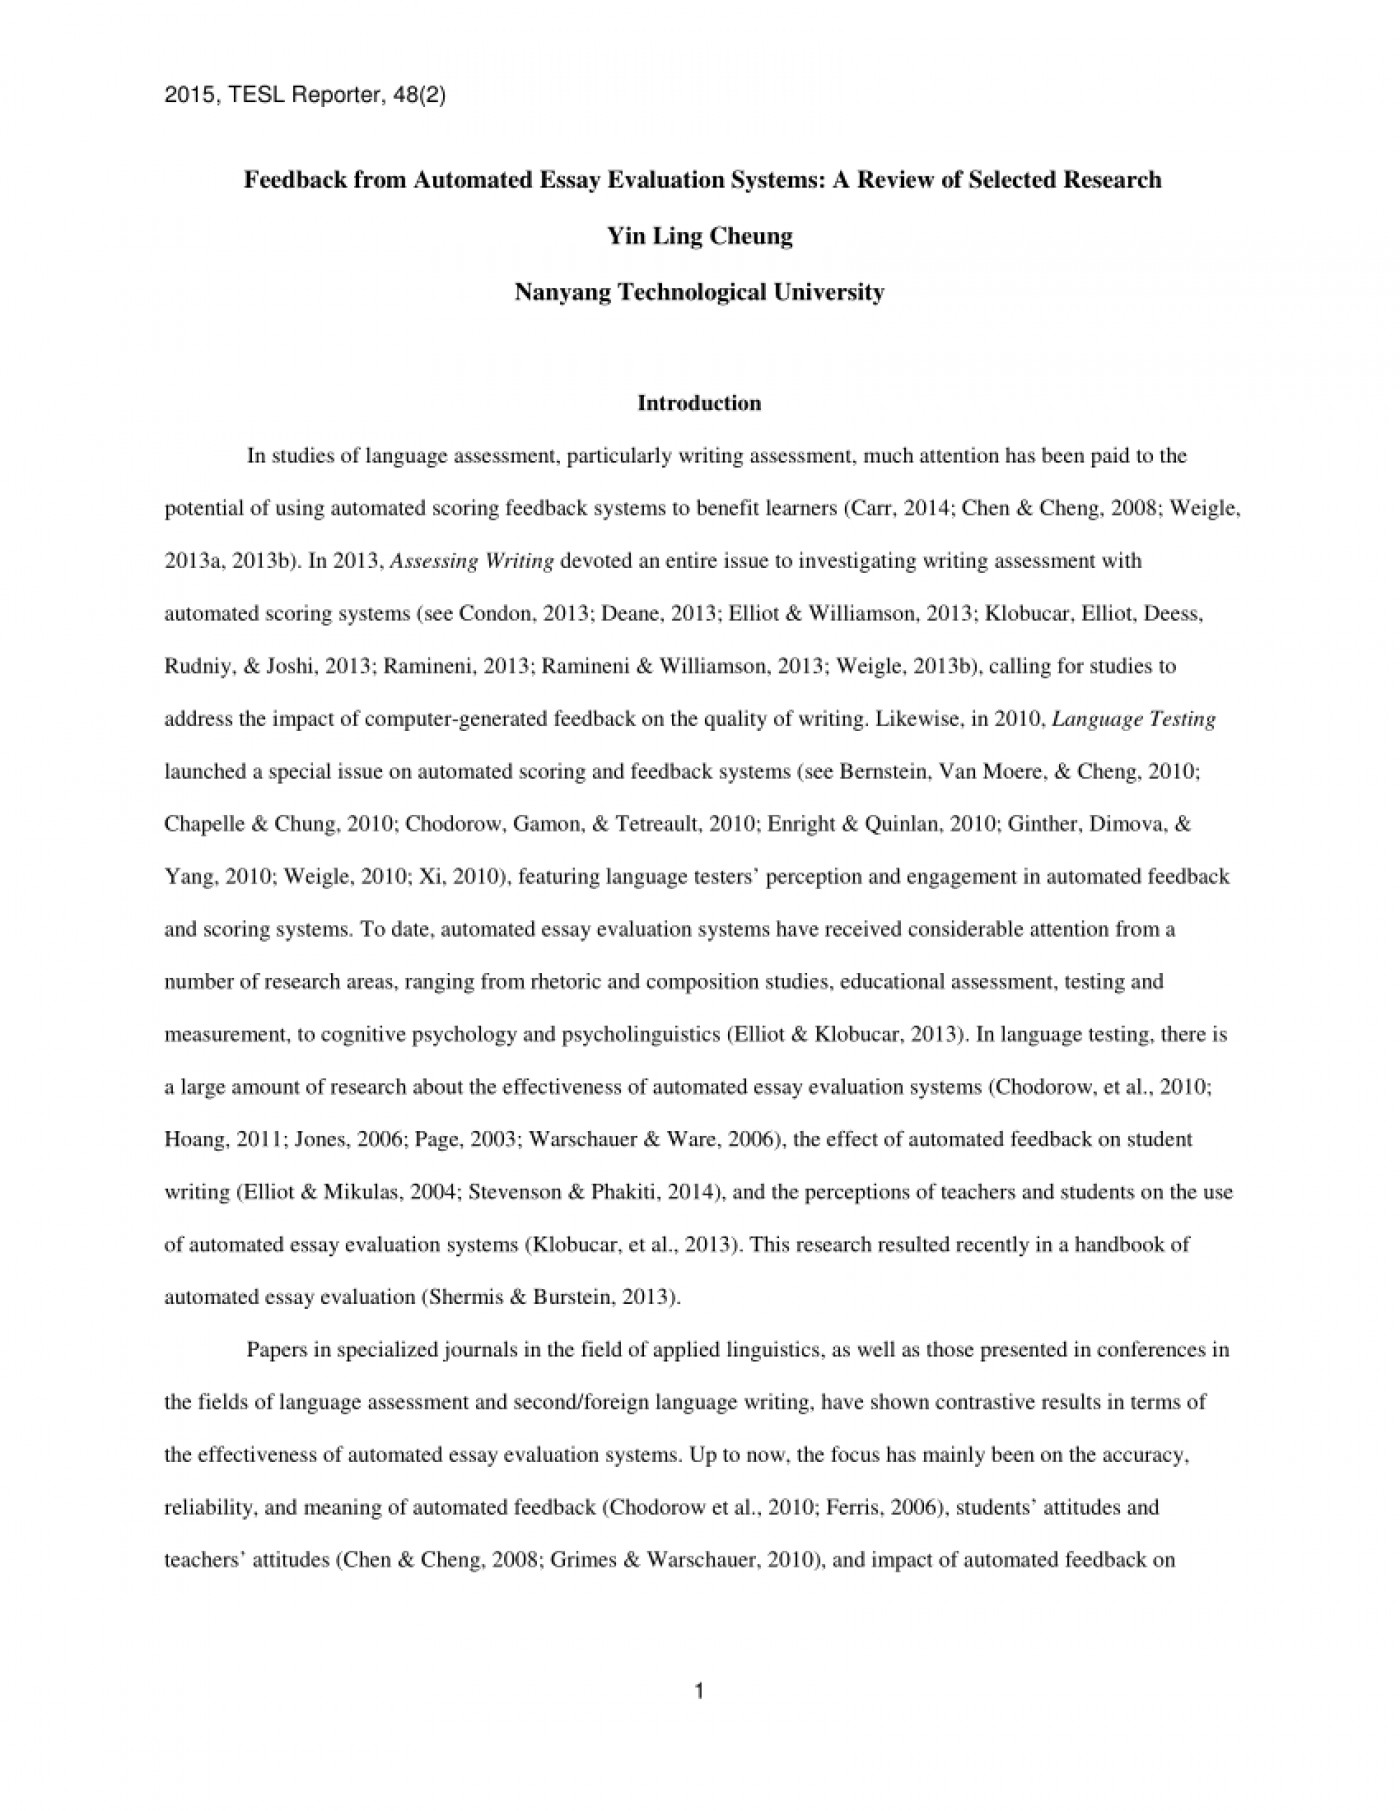 Phd thesis hku